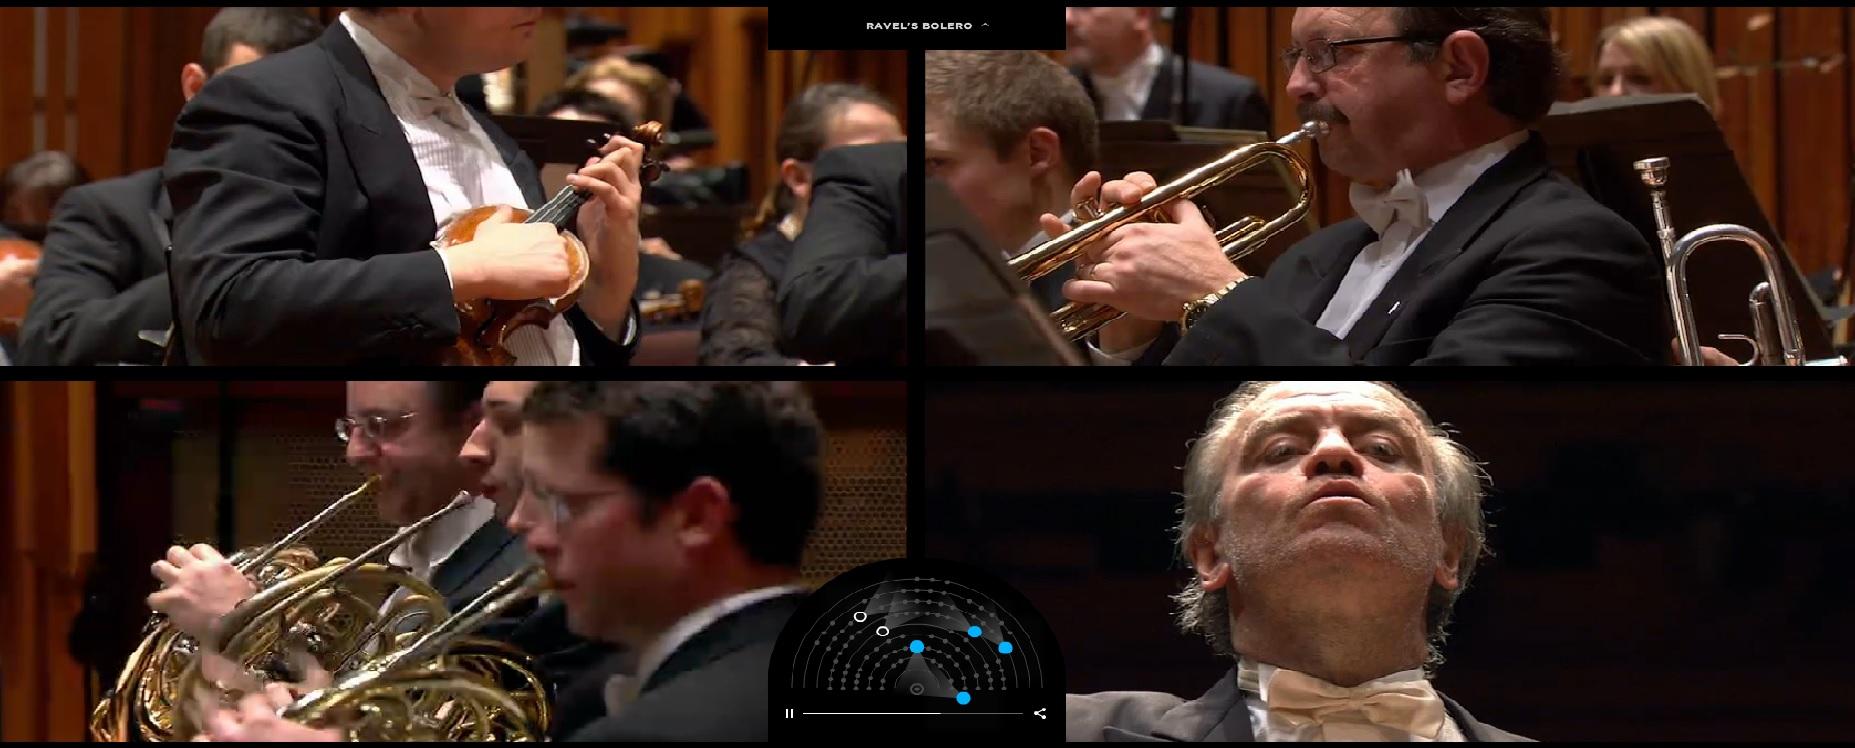 Sitio interactivo que permite escoger desde dónde mirar a la Orquesta Sinfónica de Londres tocando